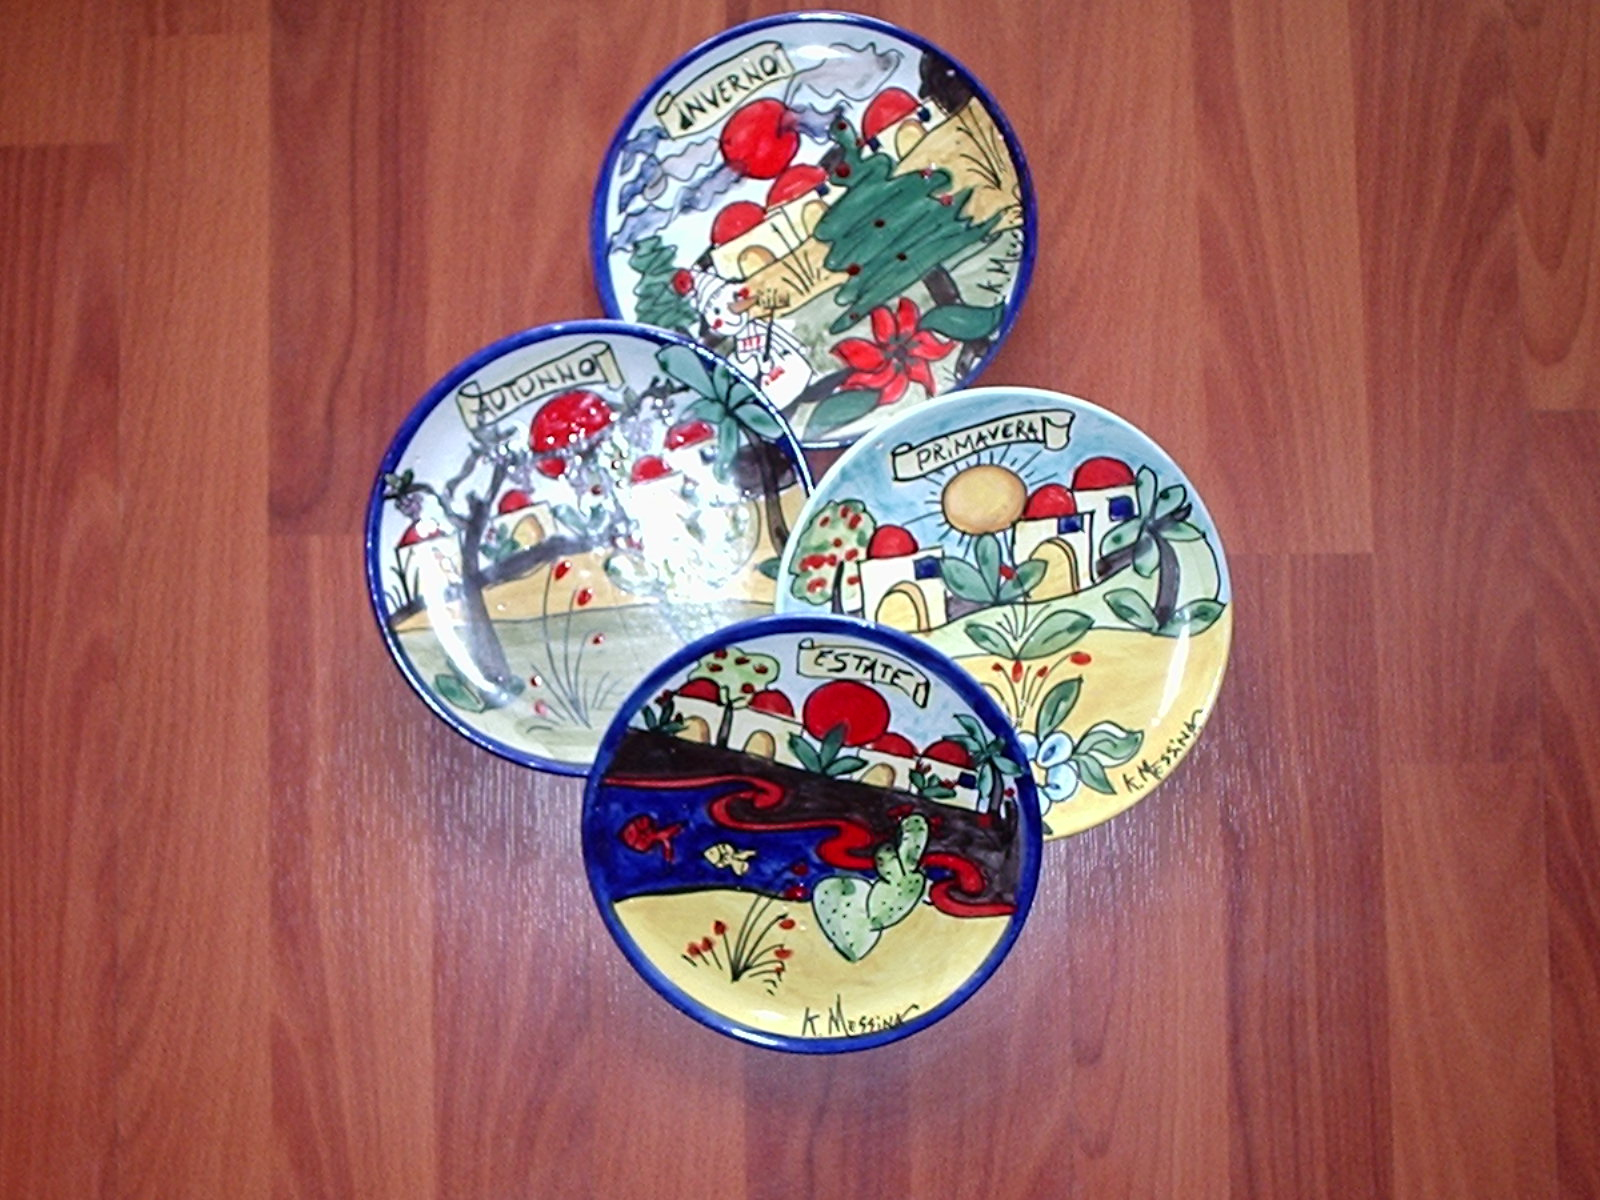 Ceramiche e dintorni: piatti 4 stagioni